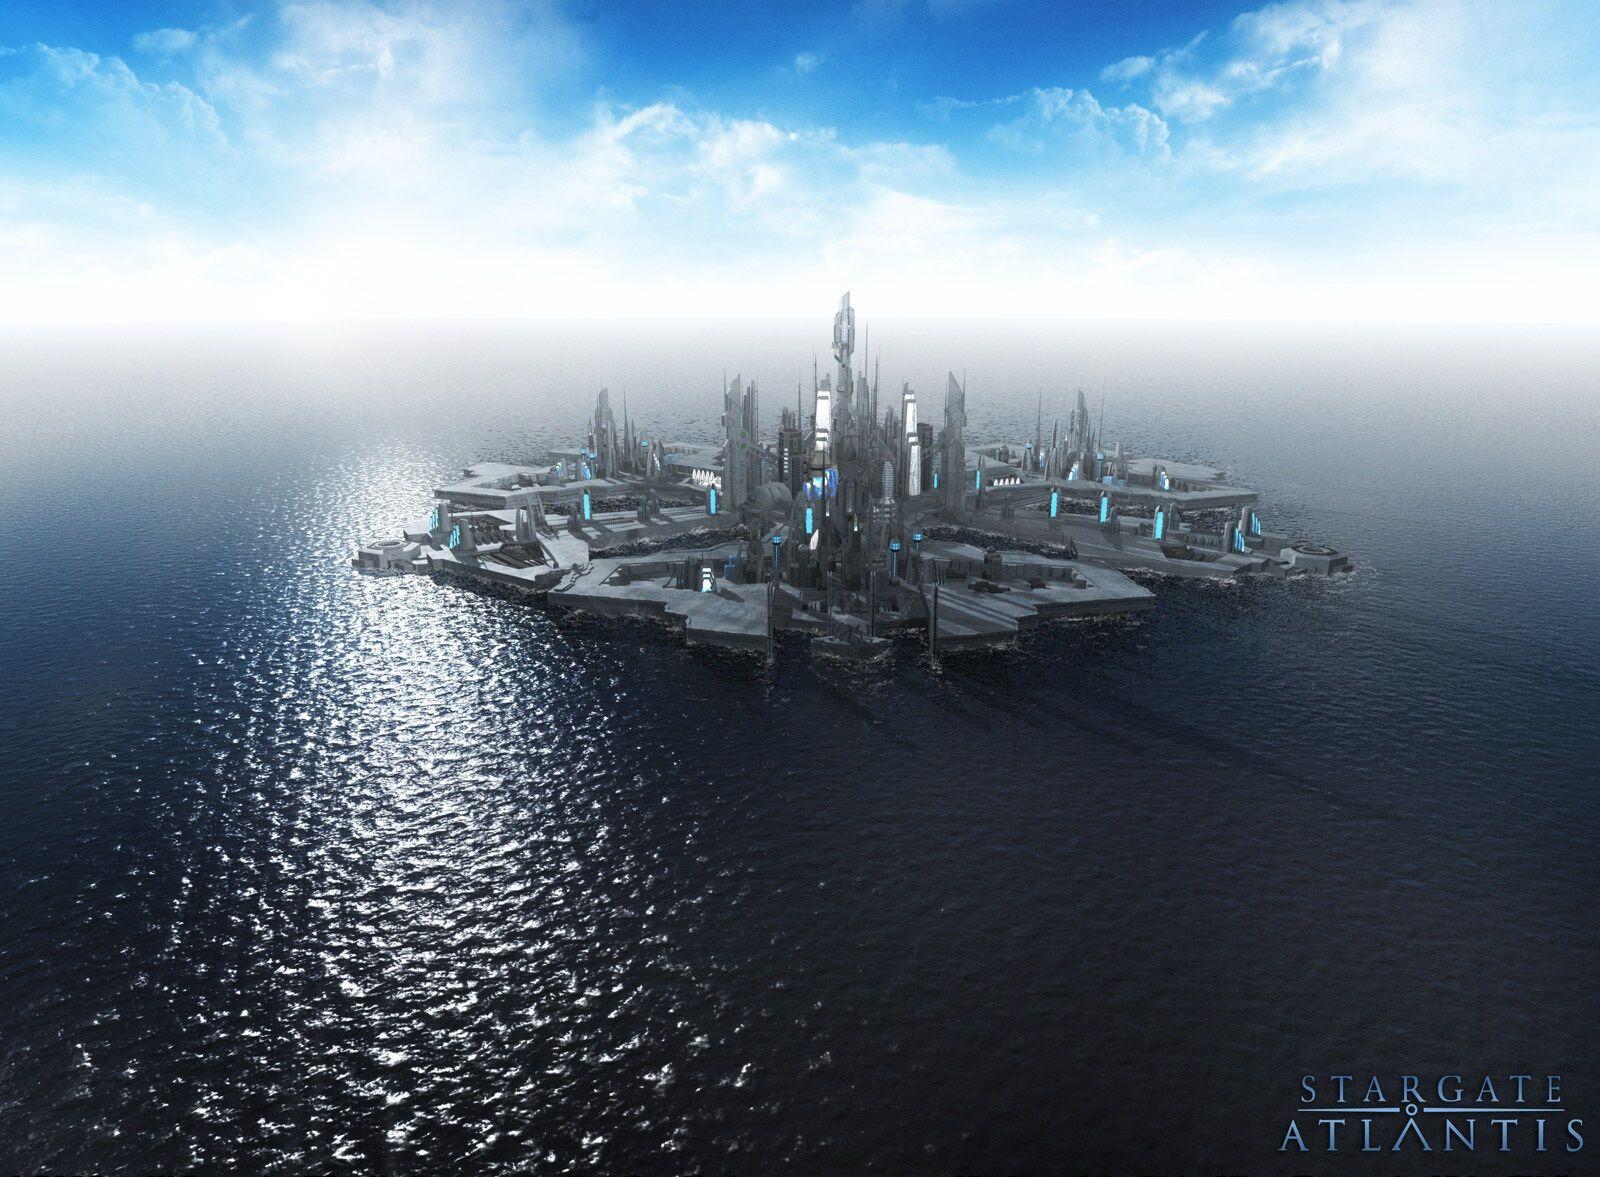 Stargate Atlantis.jpg